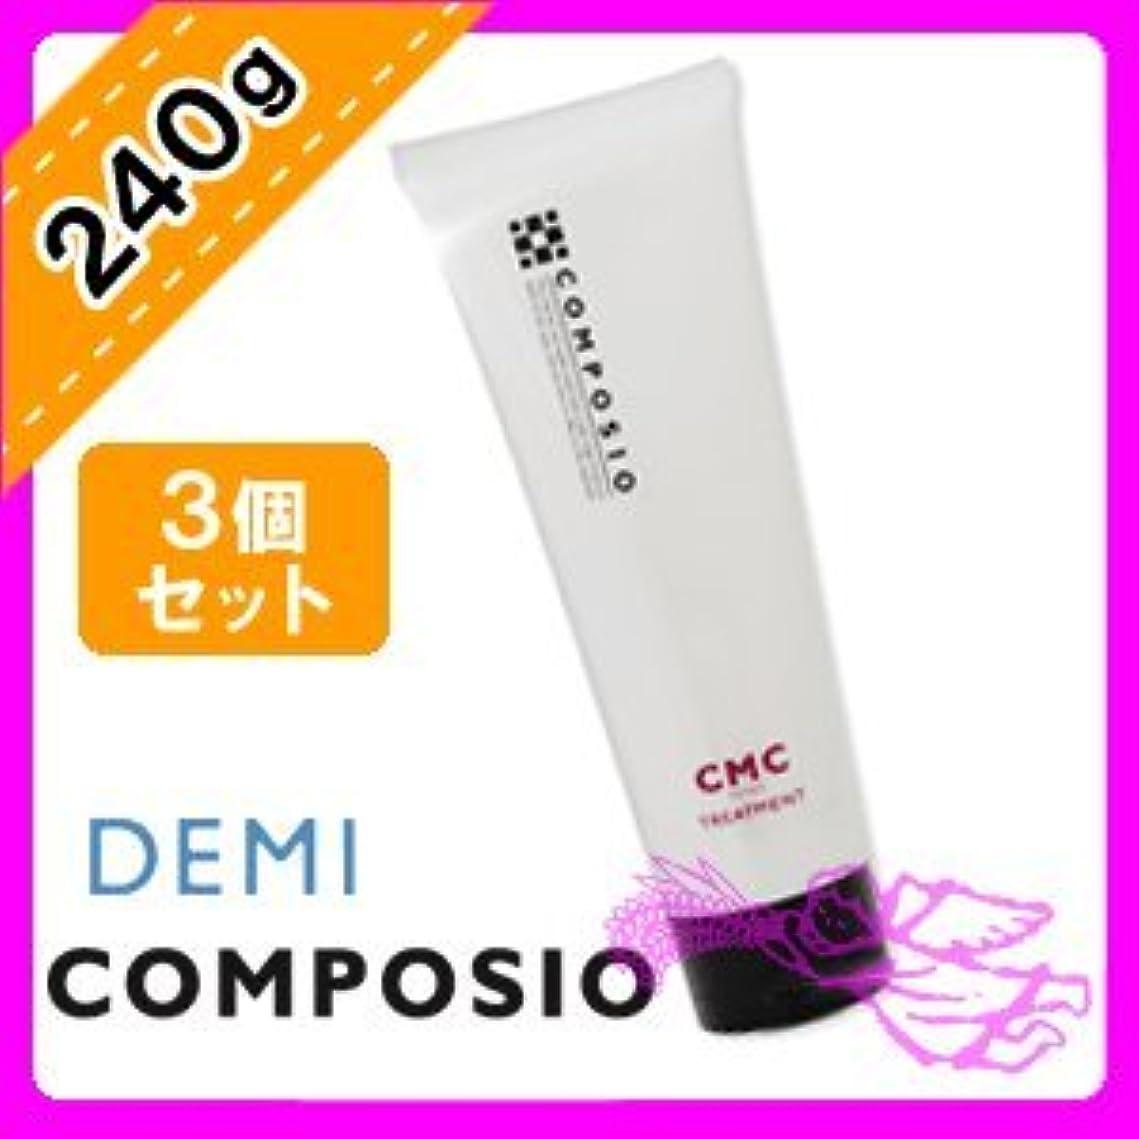 匹敵します遠え委任デミ コンポジオ CMCリペアトリートメント 240g ×3個セット DEMI COMPOSIO